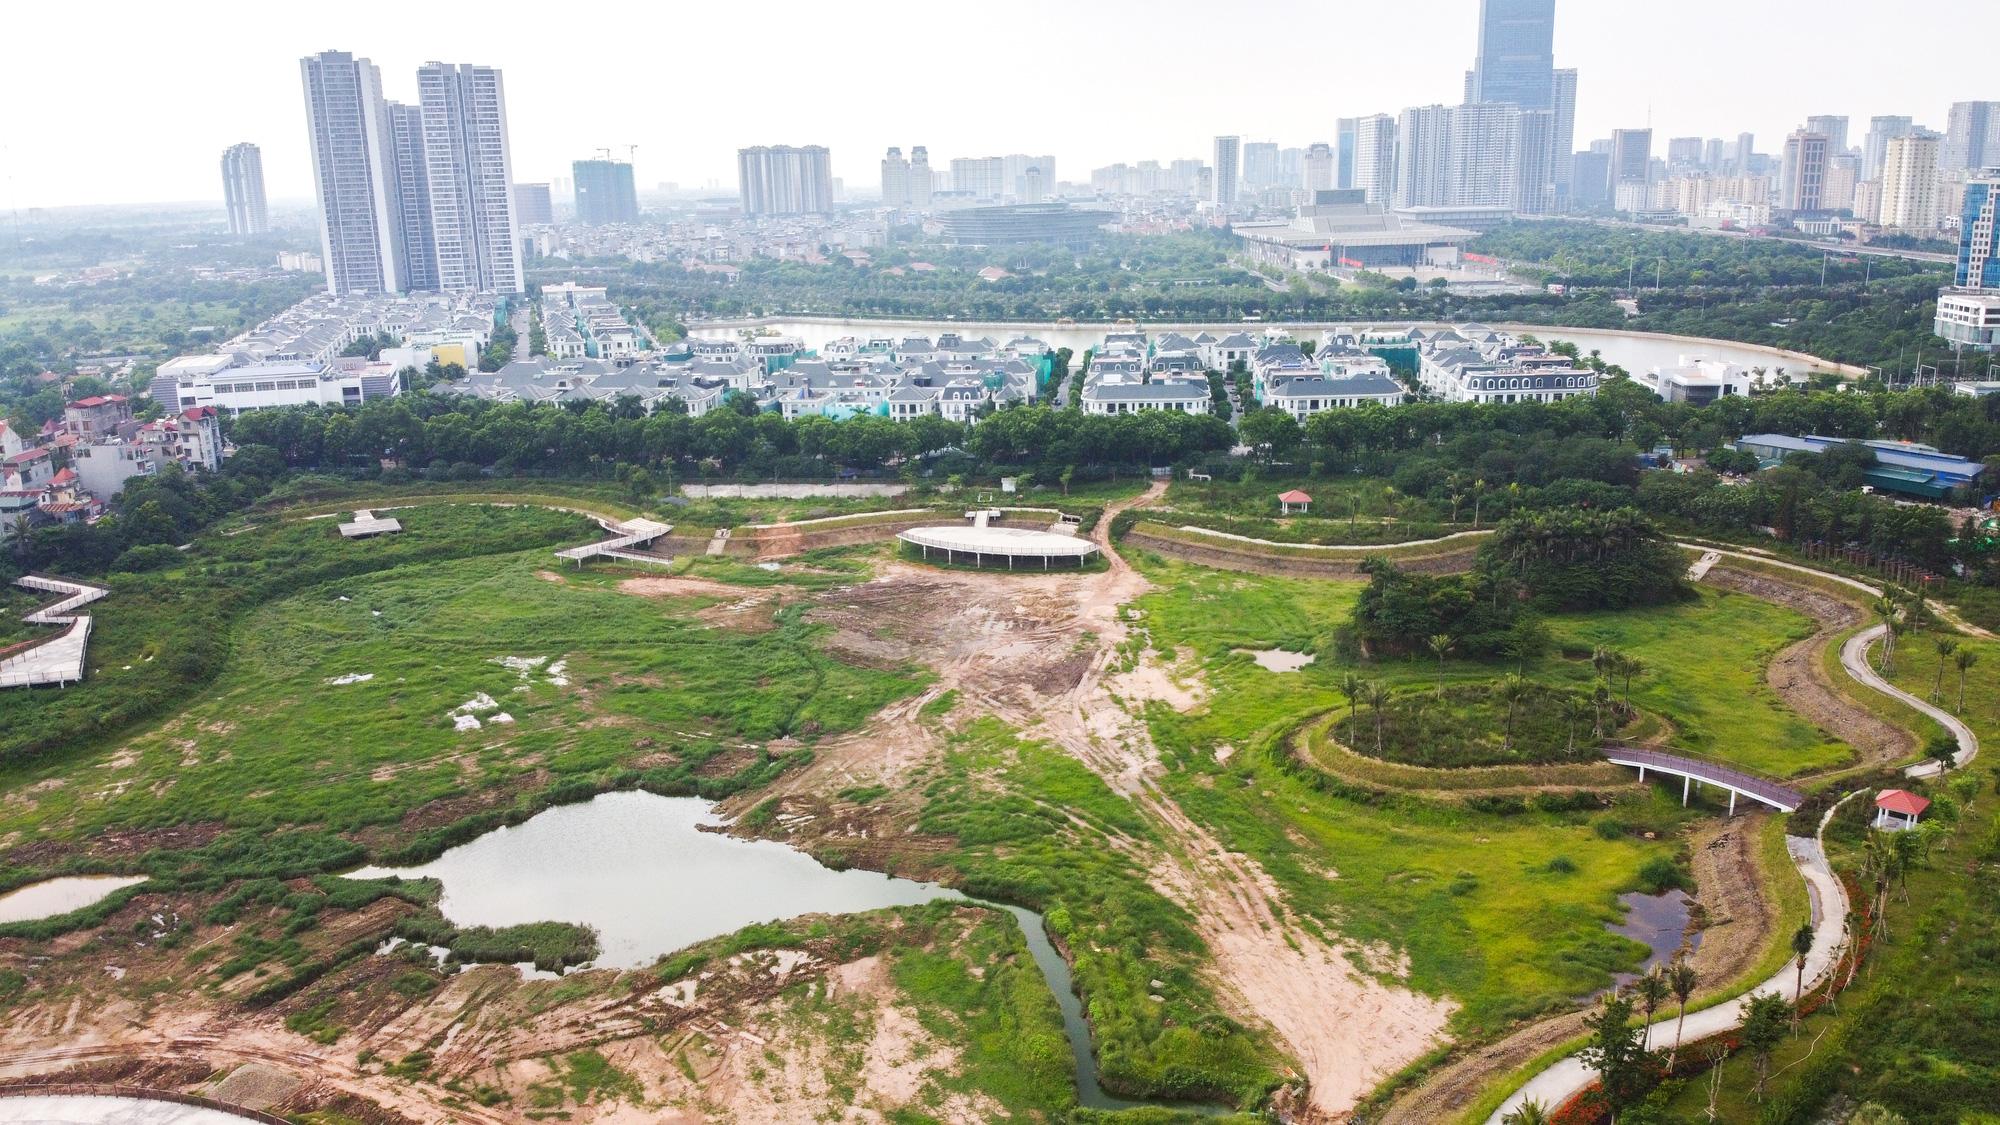 Công viên điều hòa Phùng Khoang nằm im sau 4 năm động thổ - Ảnh 2.